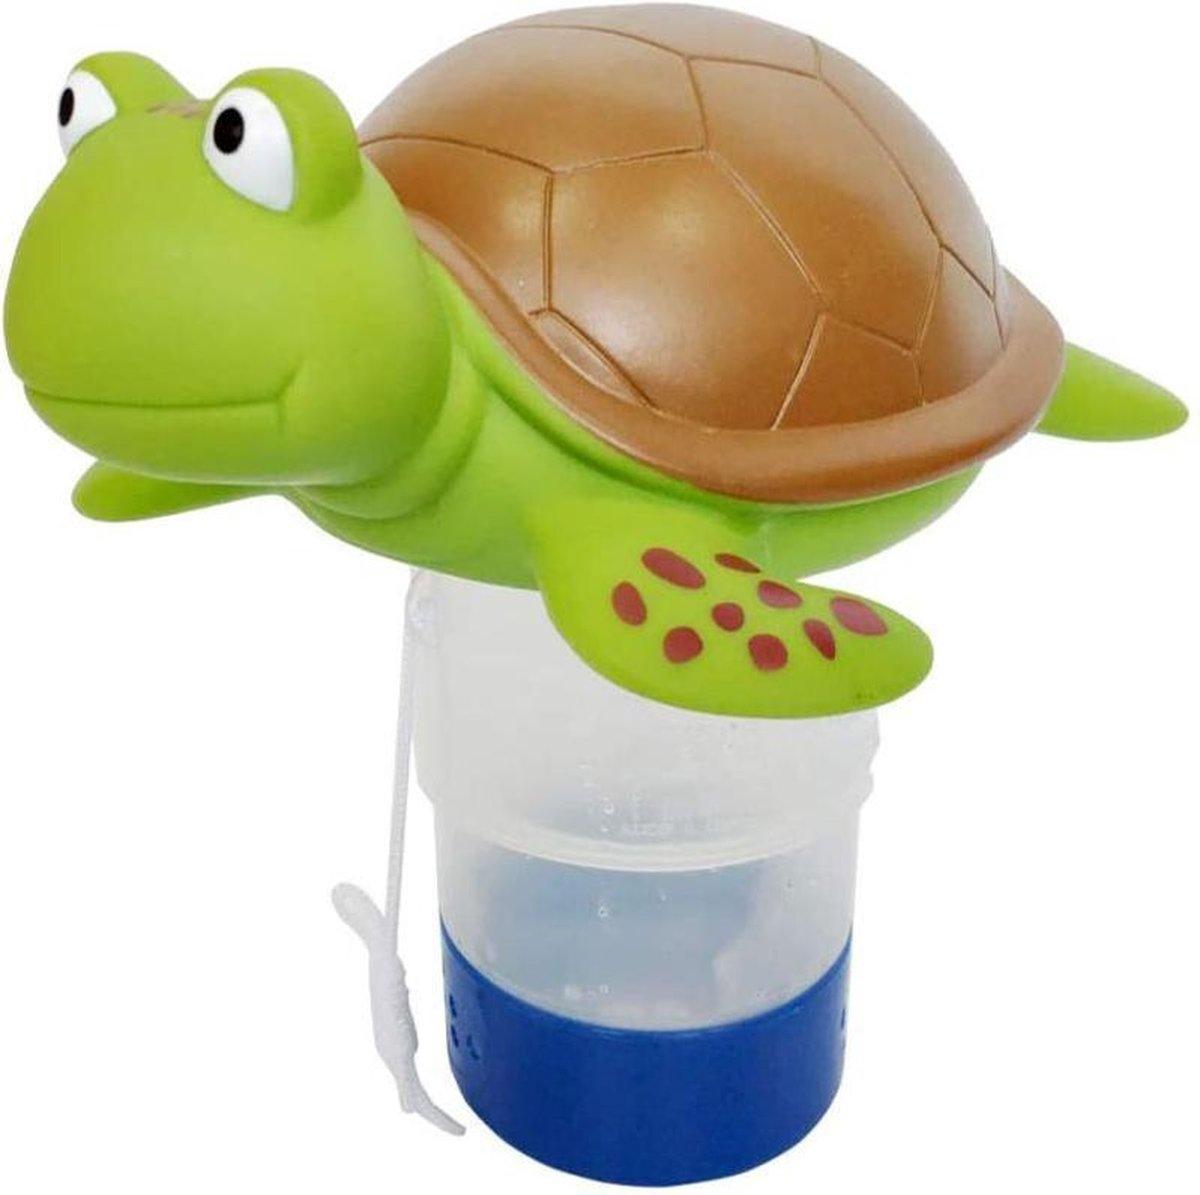 DG Commerce - Chloordrijver - Zwembad/Jacuzzi - Gereguleerde afgifte - Schildpad